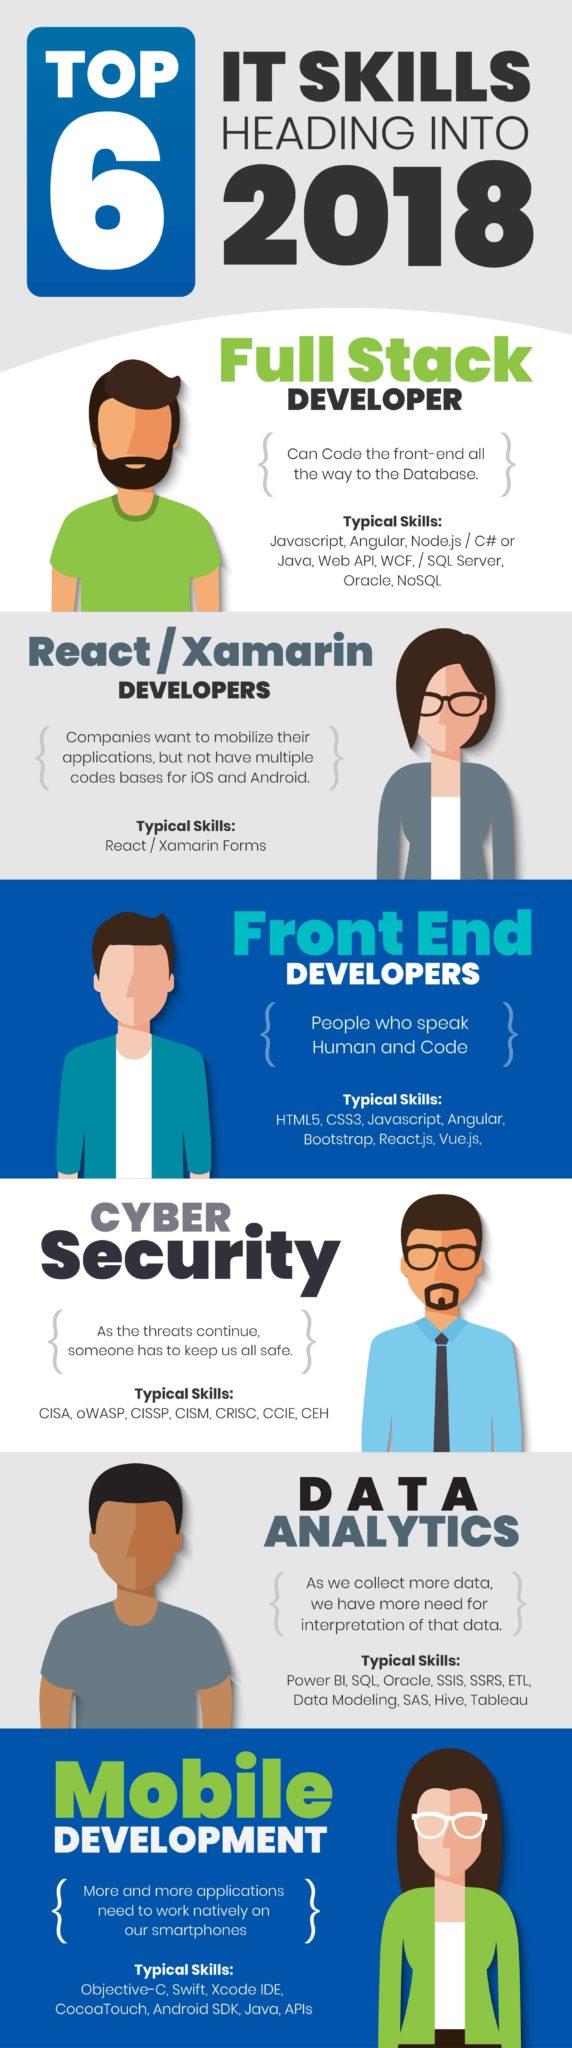 Top IT skills 2018